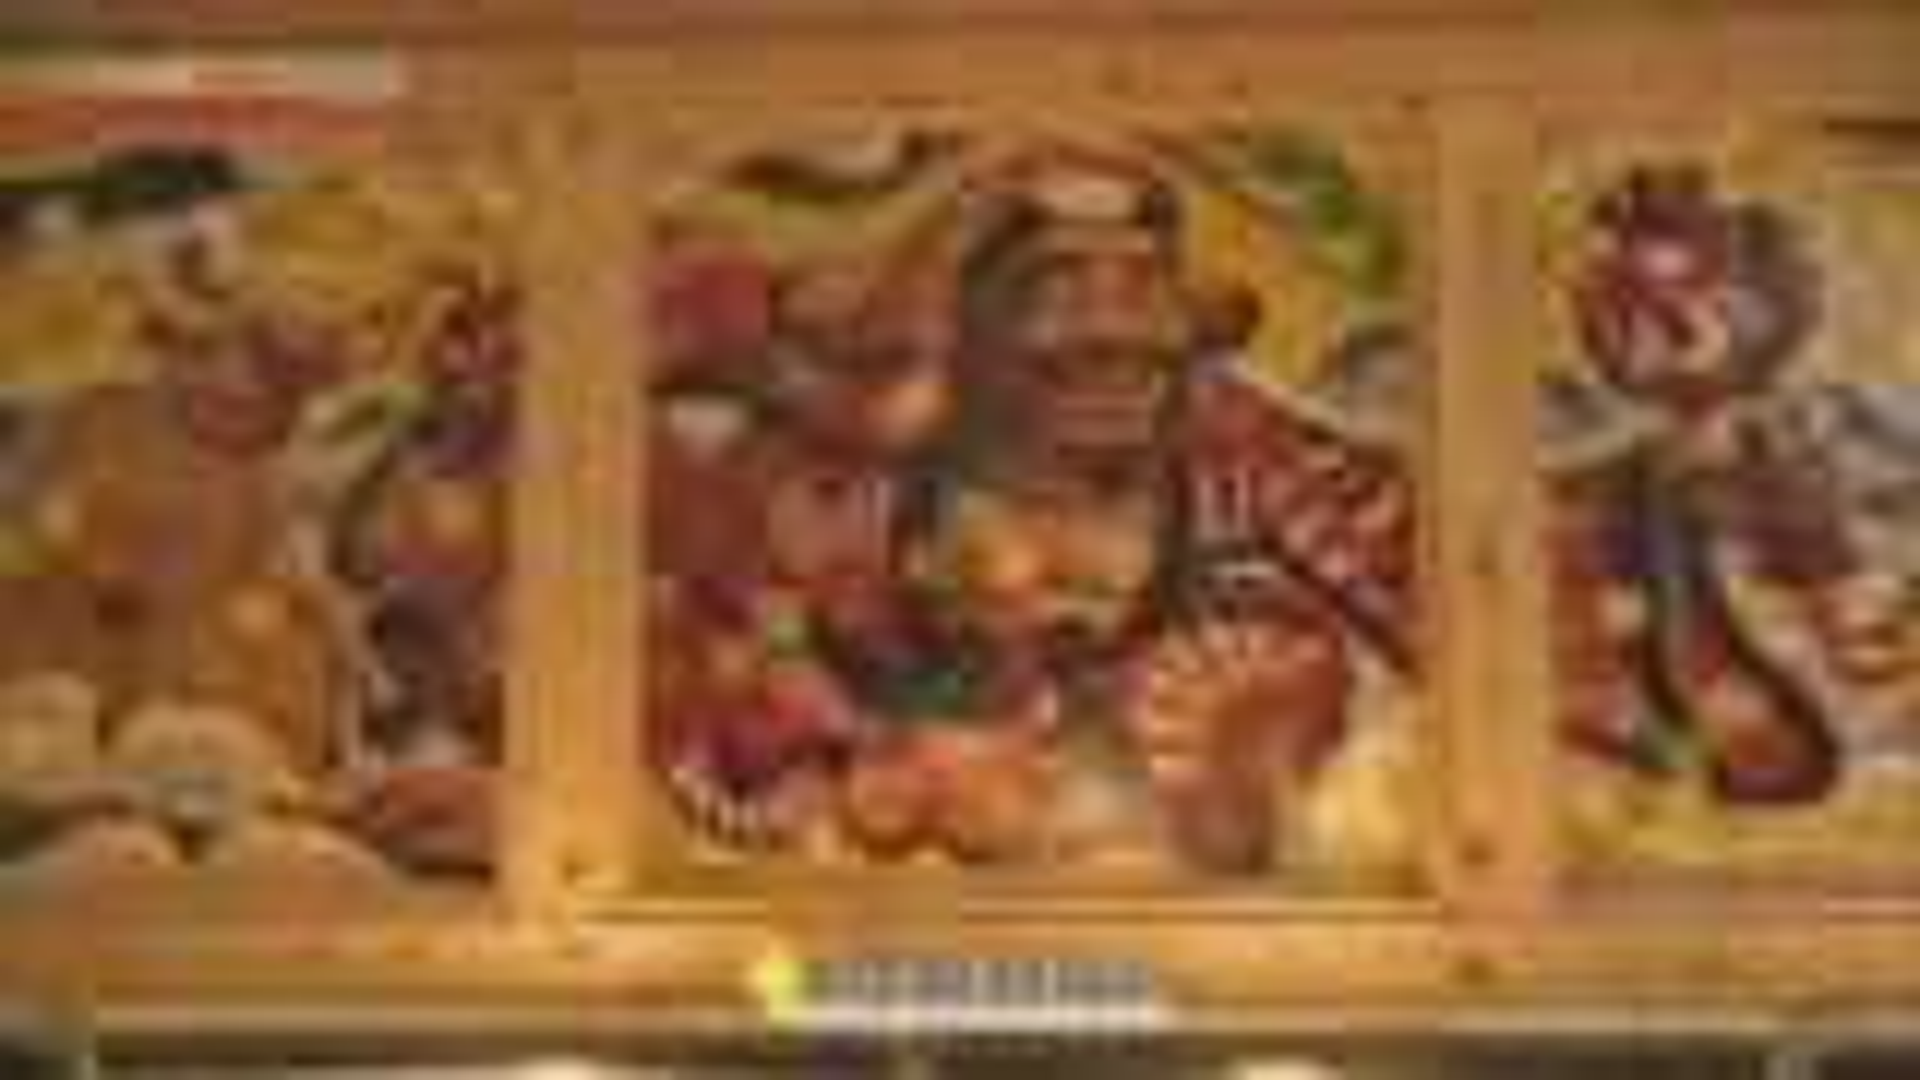 钱汤壁画:令人惊叹的东京公共浴场[片头]